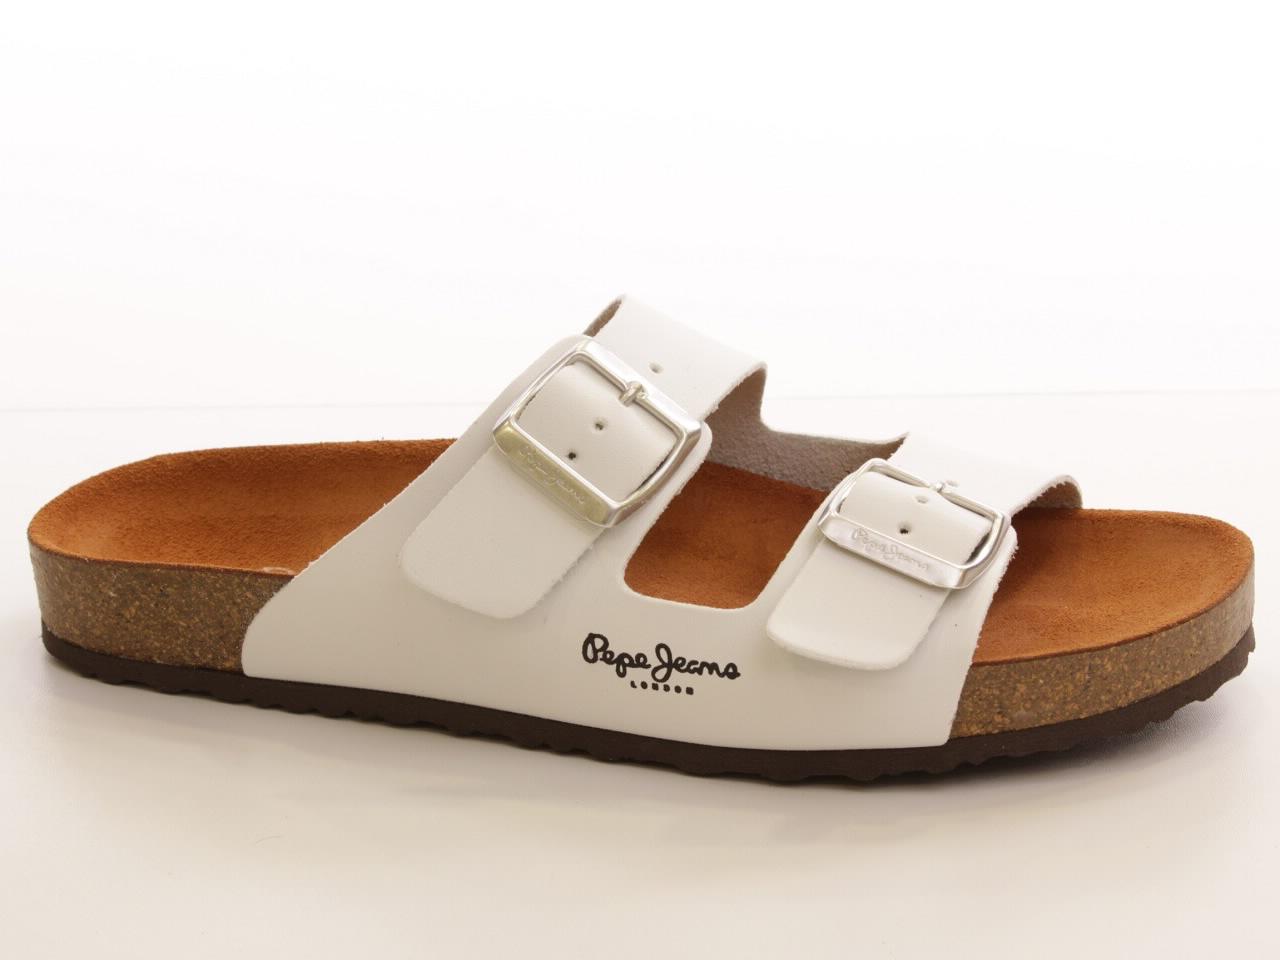 Sandalias Planas Pepe Jeans - 608 PLS10063